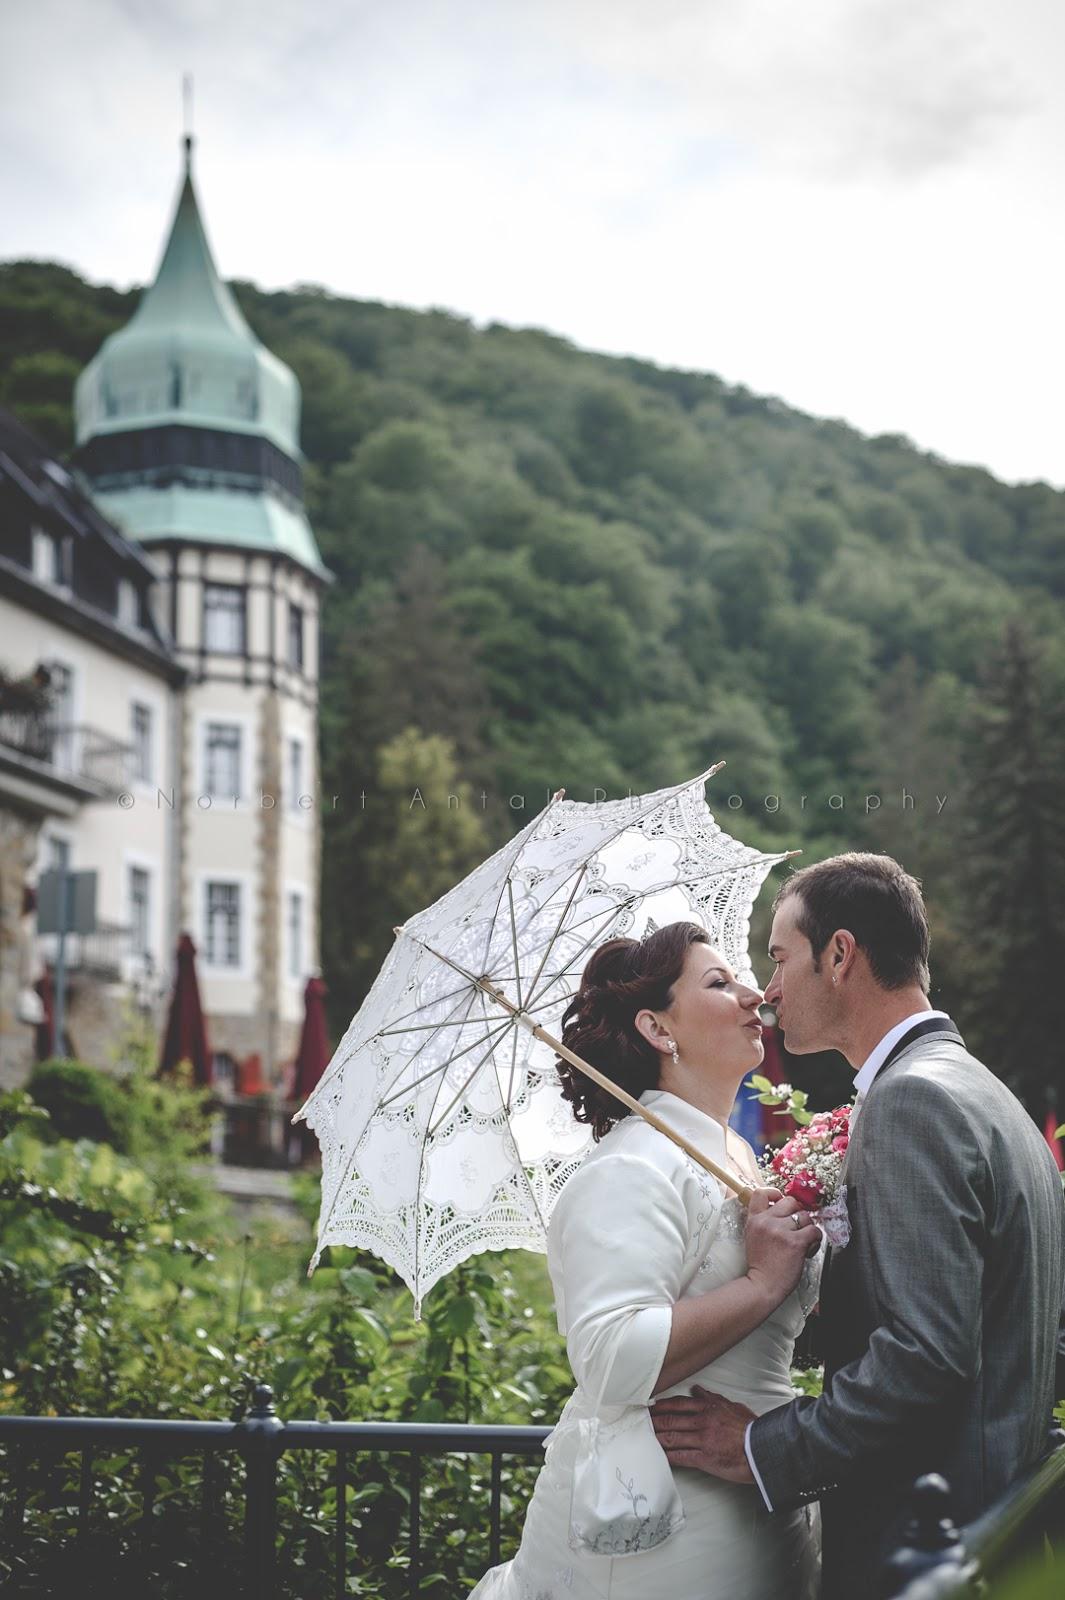 25a7b979a0 Dalma és Gábor - esküvő, Lillafüred, Miskolc | Antal Norbert photo